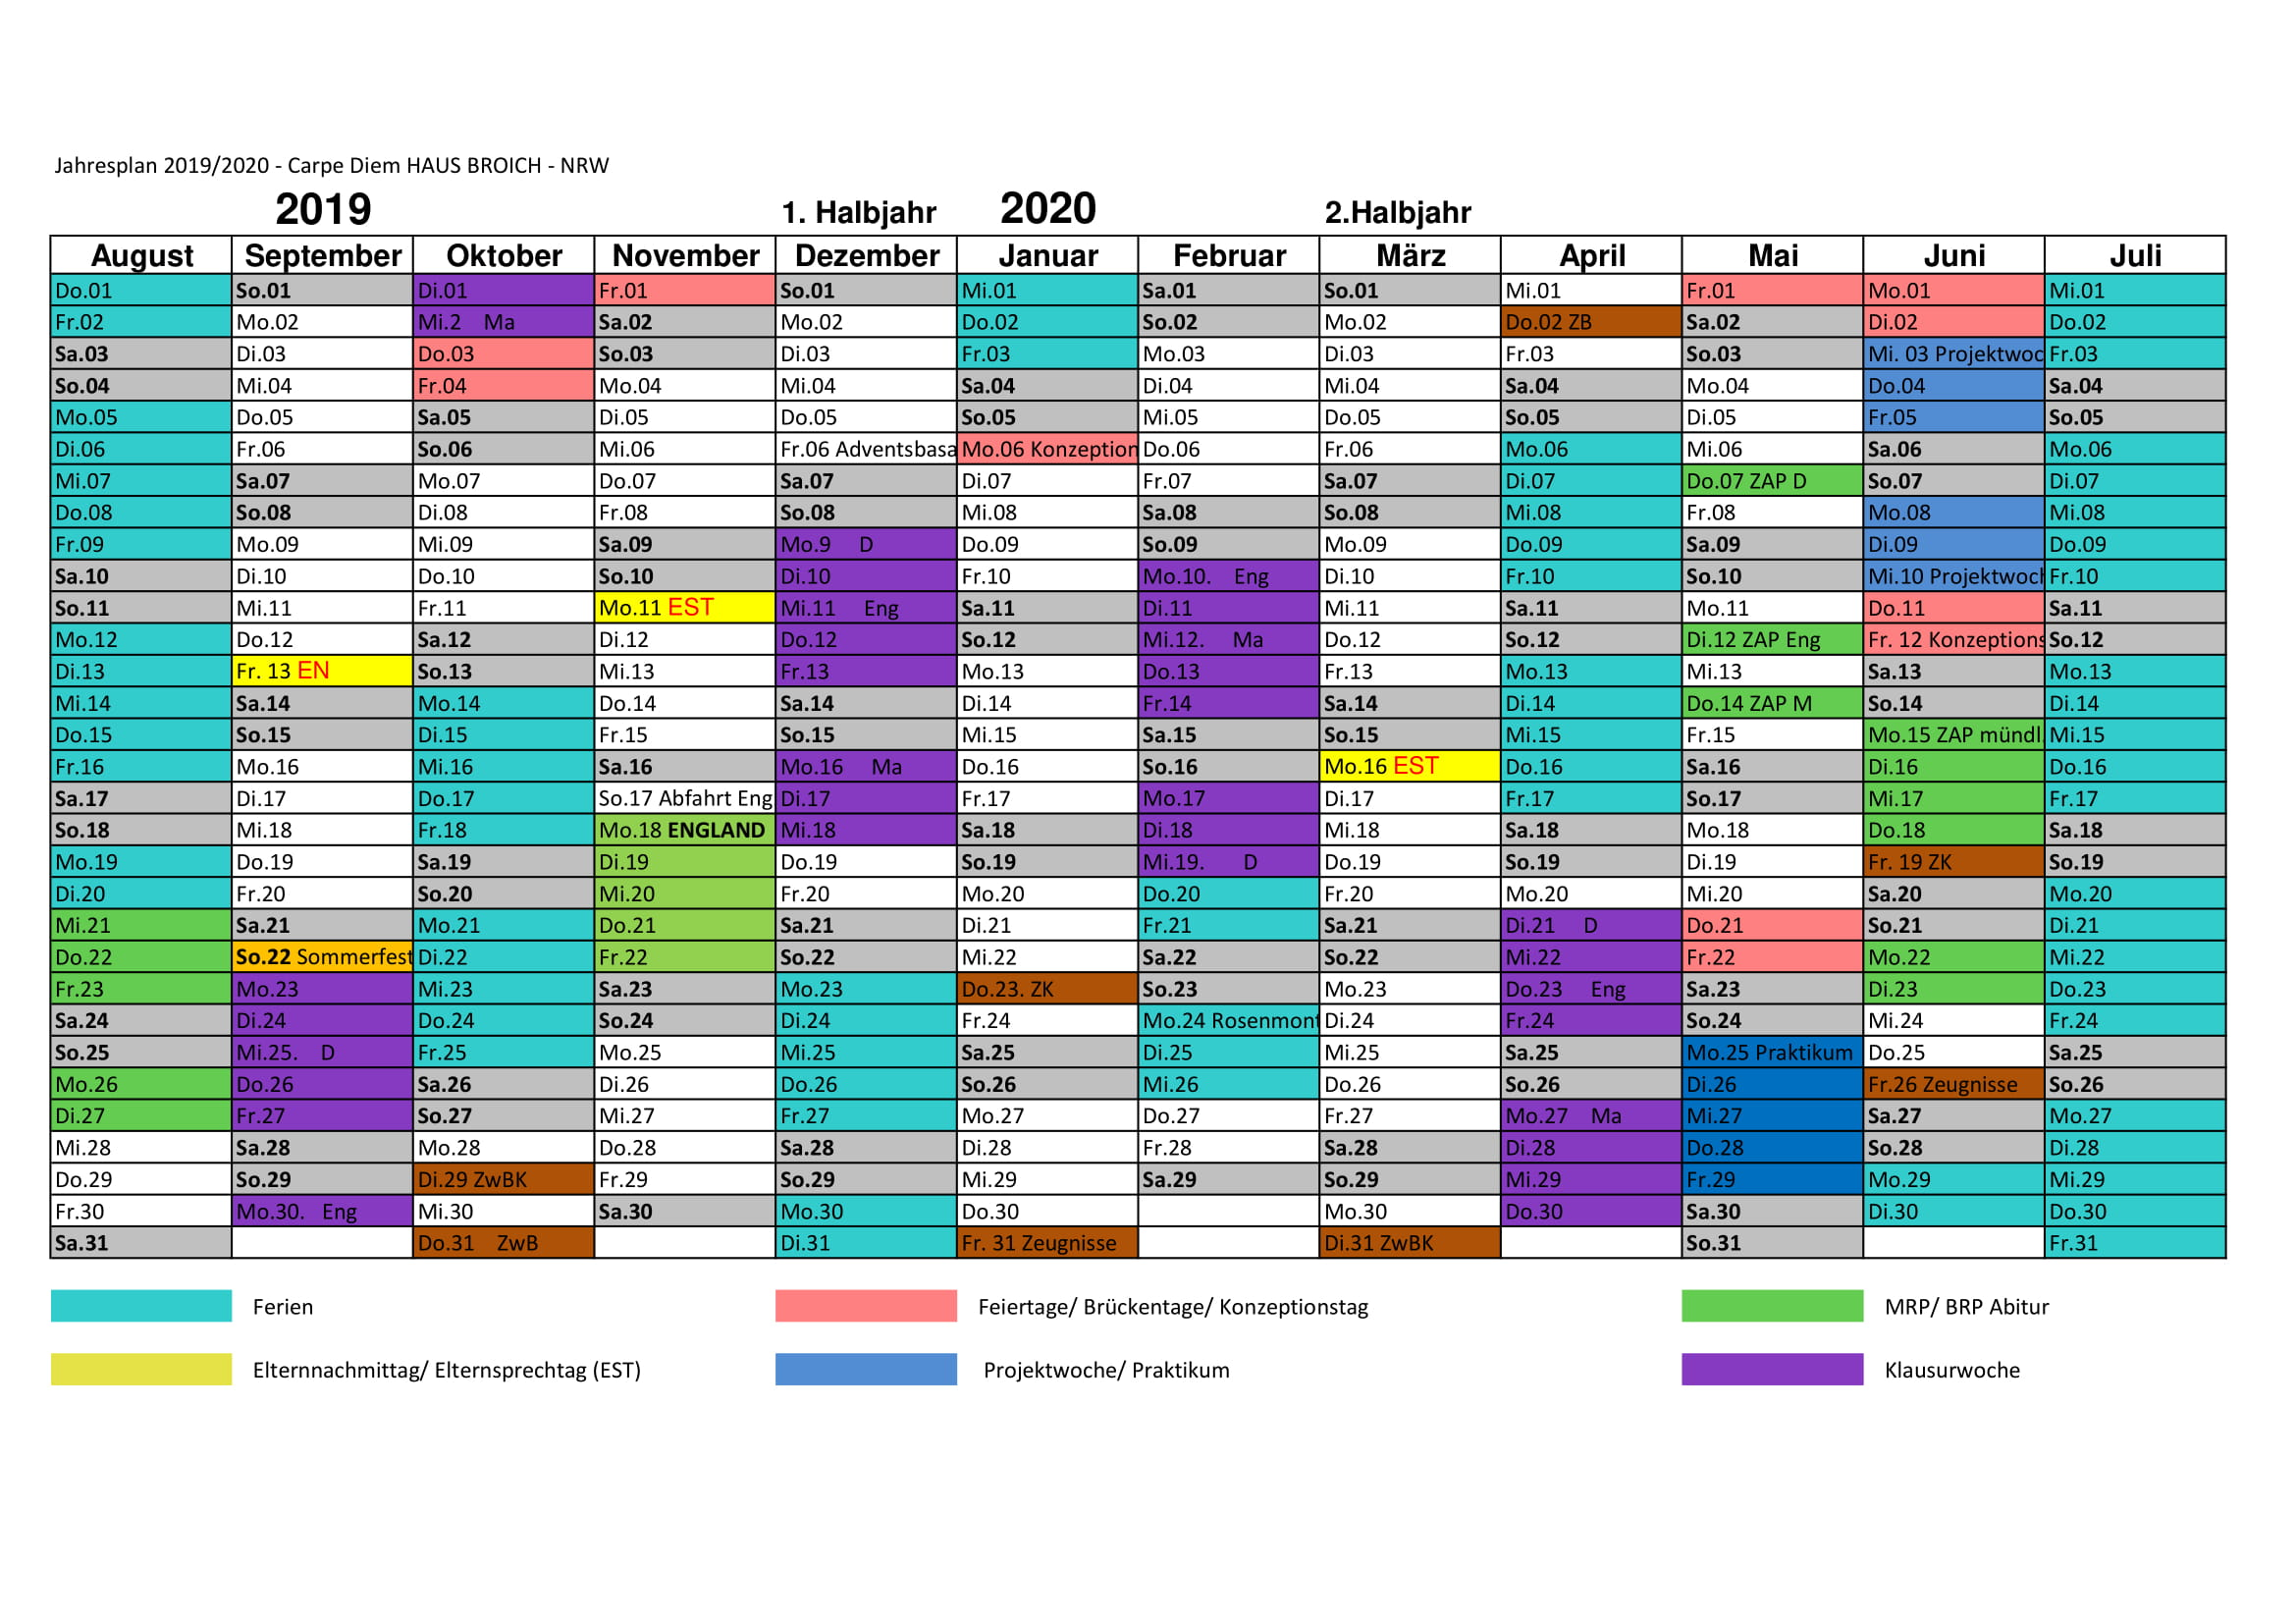 Kalender 19_20 NRW Haus Broich-1